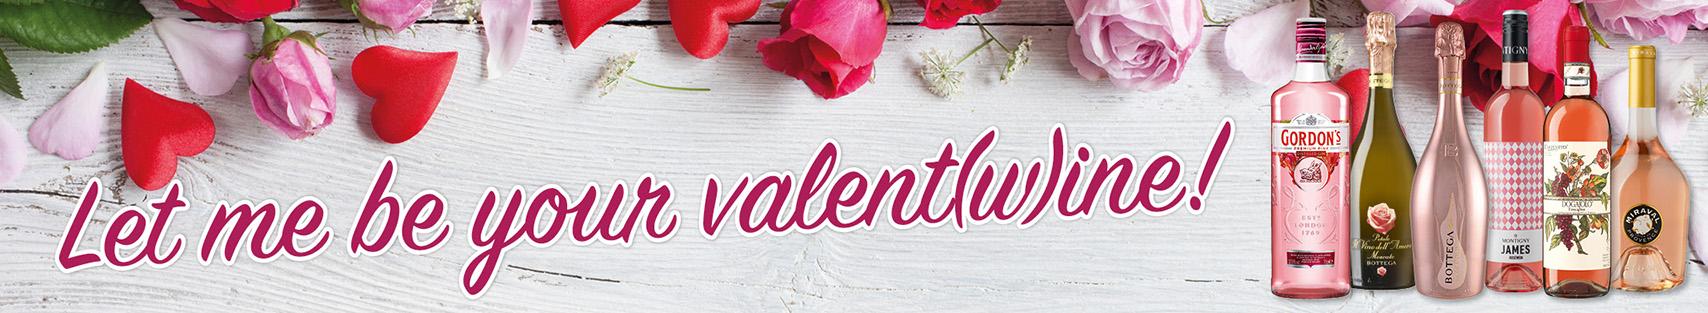 Valentinstag Wein